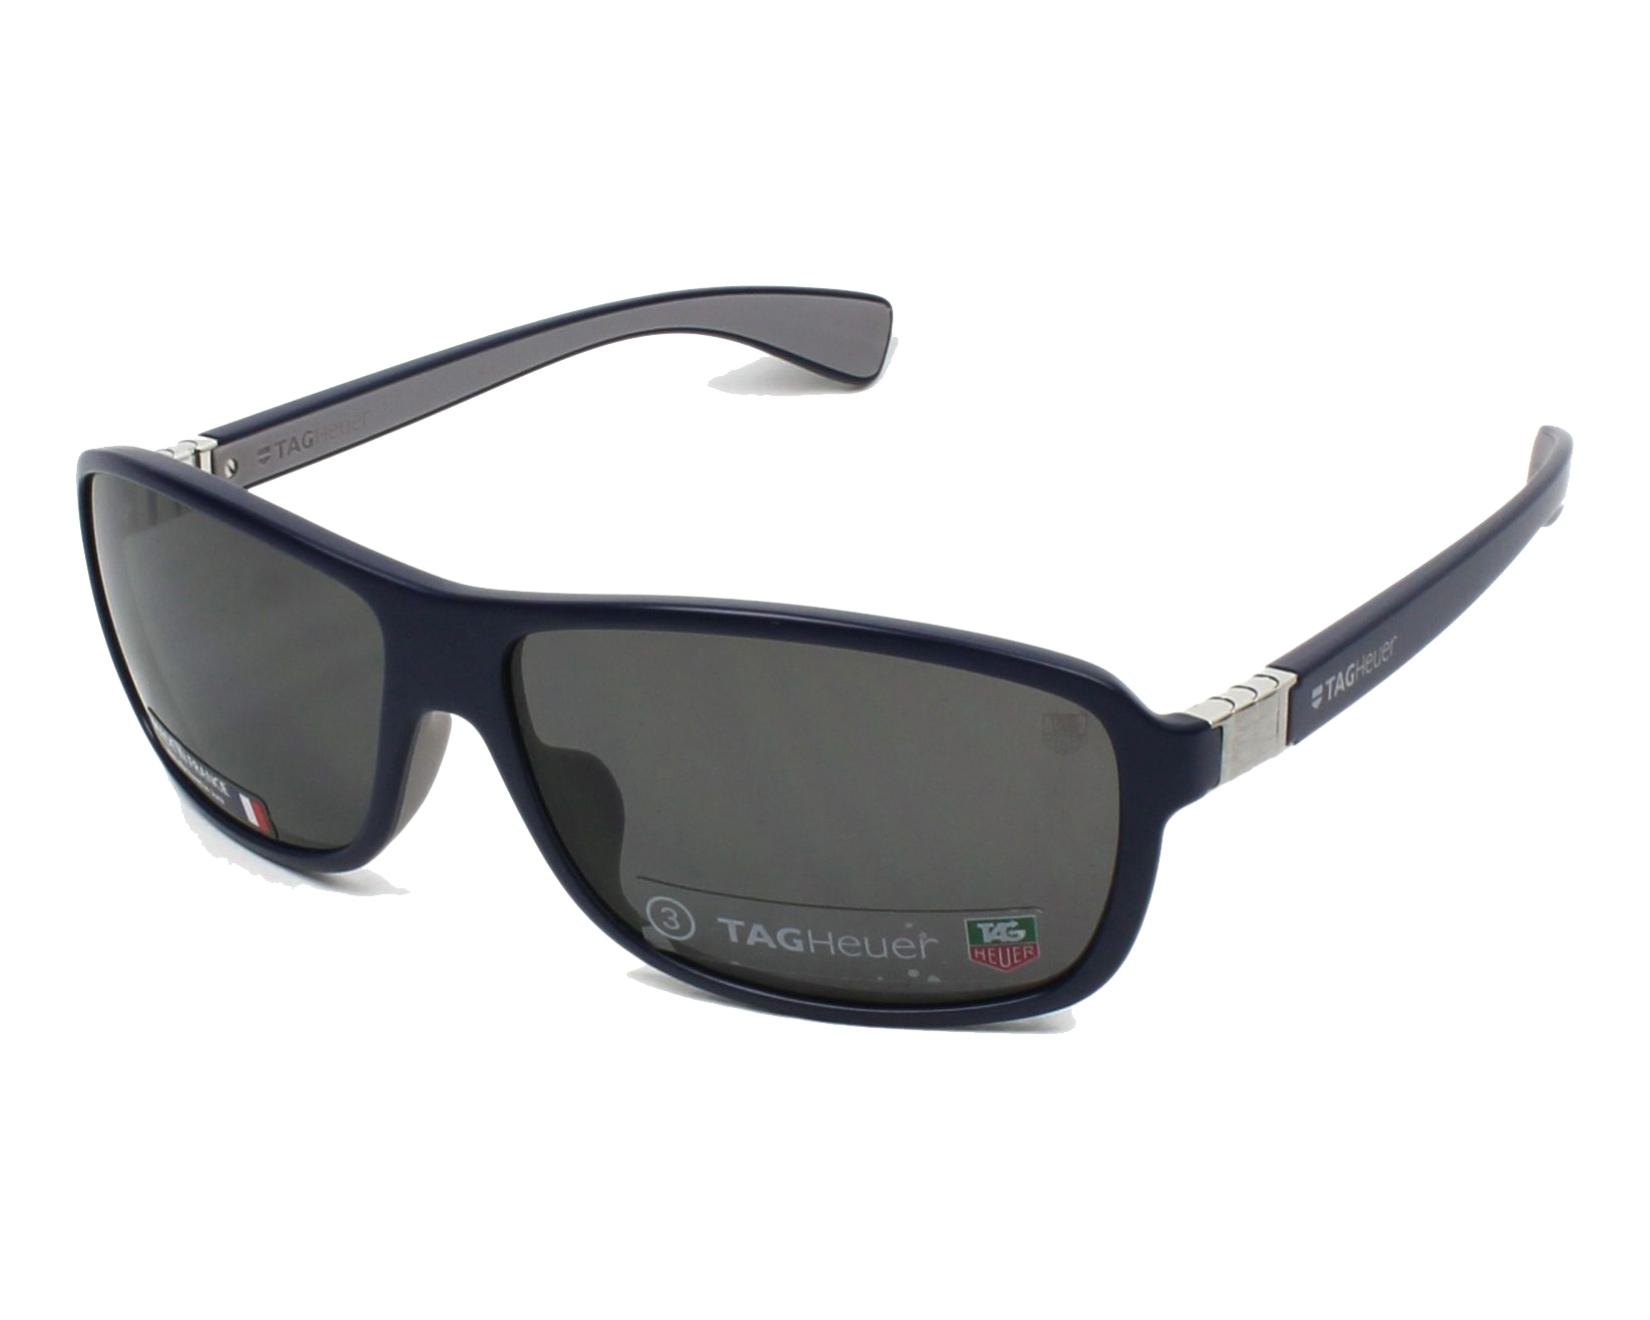 lunettes de soleil tag heuer th 9302 104 bleu avec des verres gris pour hommes. Black Bedroom Furniture Sets. Home Design Ideas